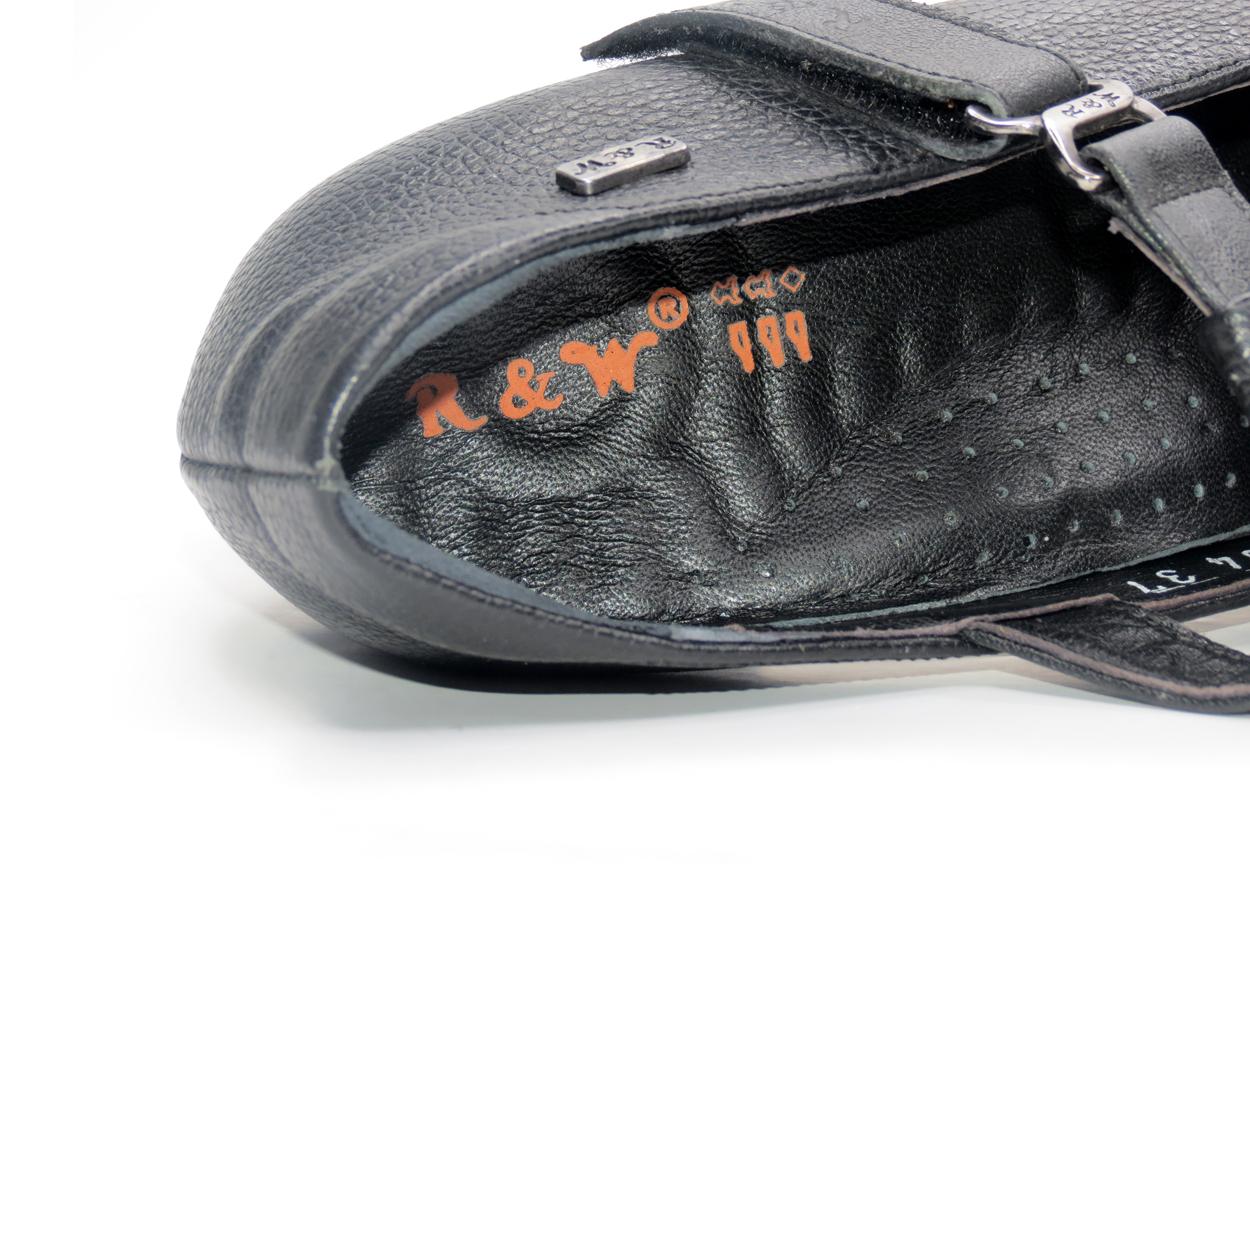 کفش زنانه آر اند دبلیو مدل 454 رنگ مشکی -  - 9